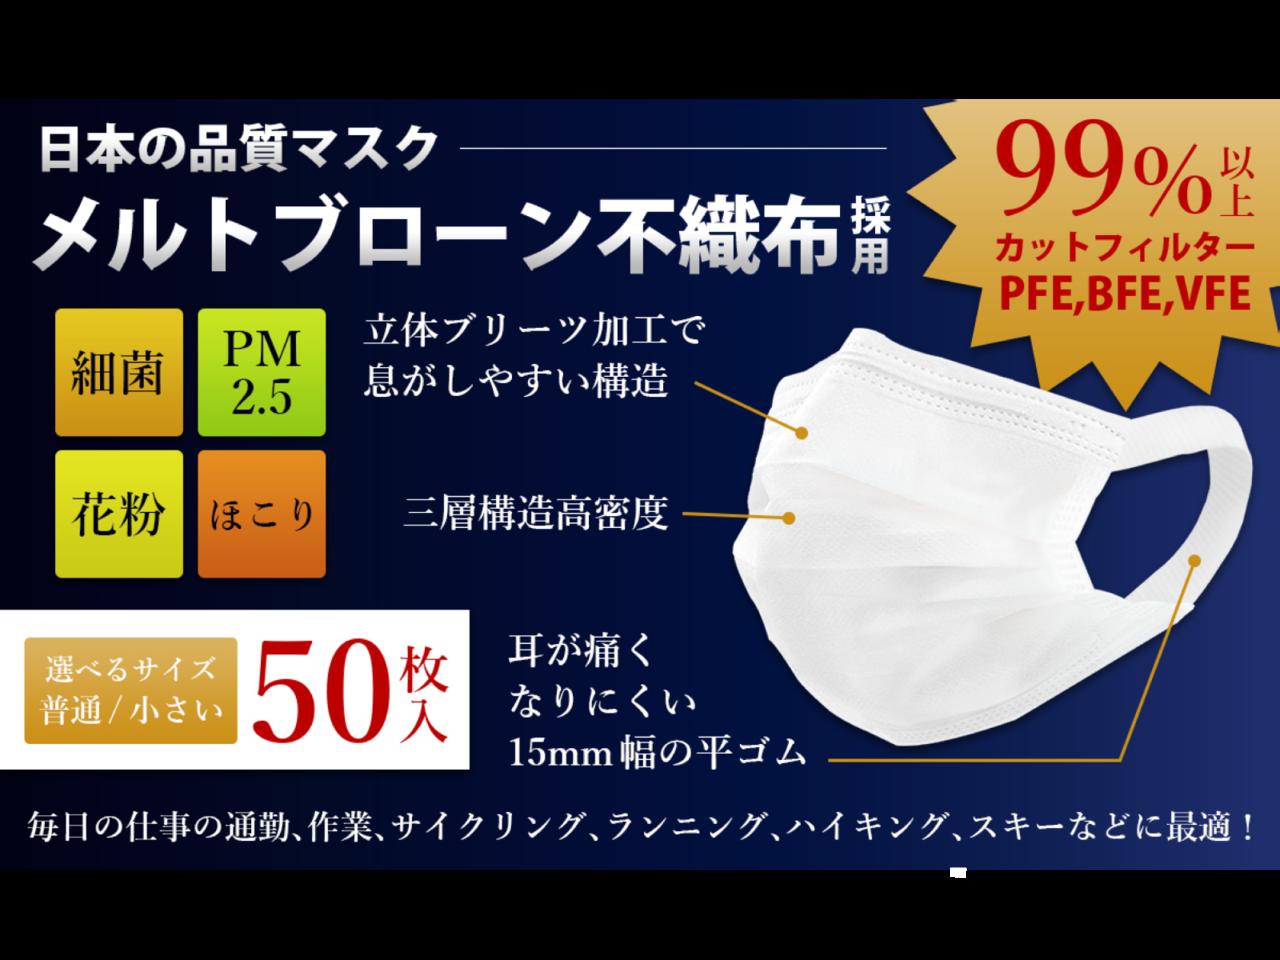 1枚あたり14.8円!累計160万枚突破の高密度フィルター不織布マスクの追加販売開始です。